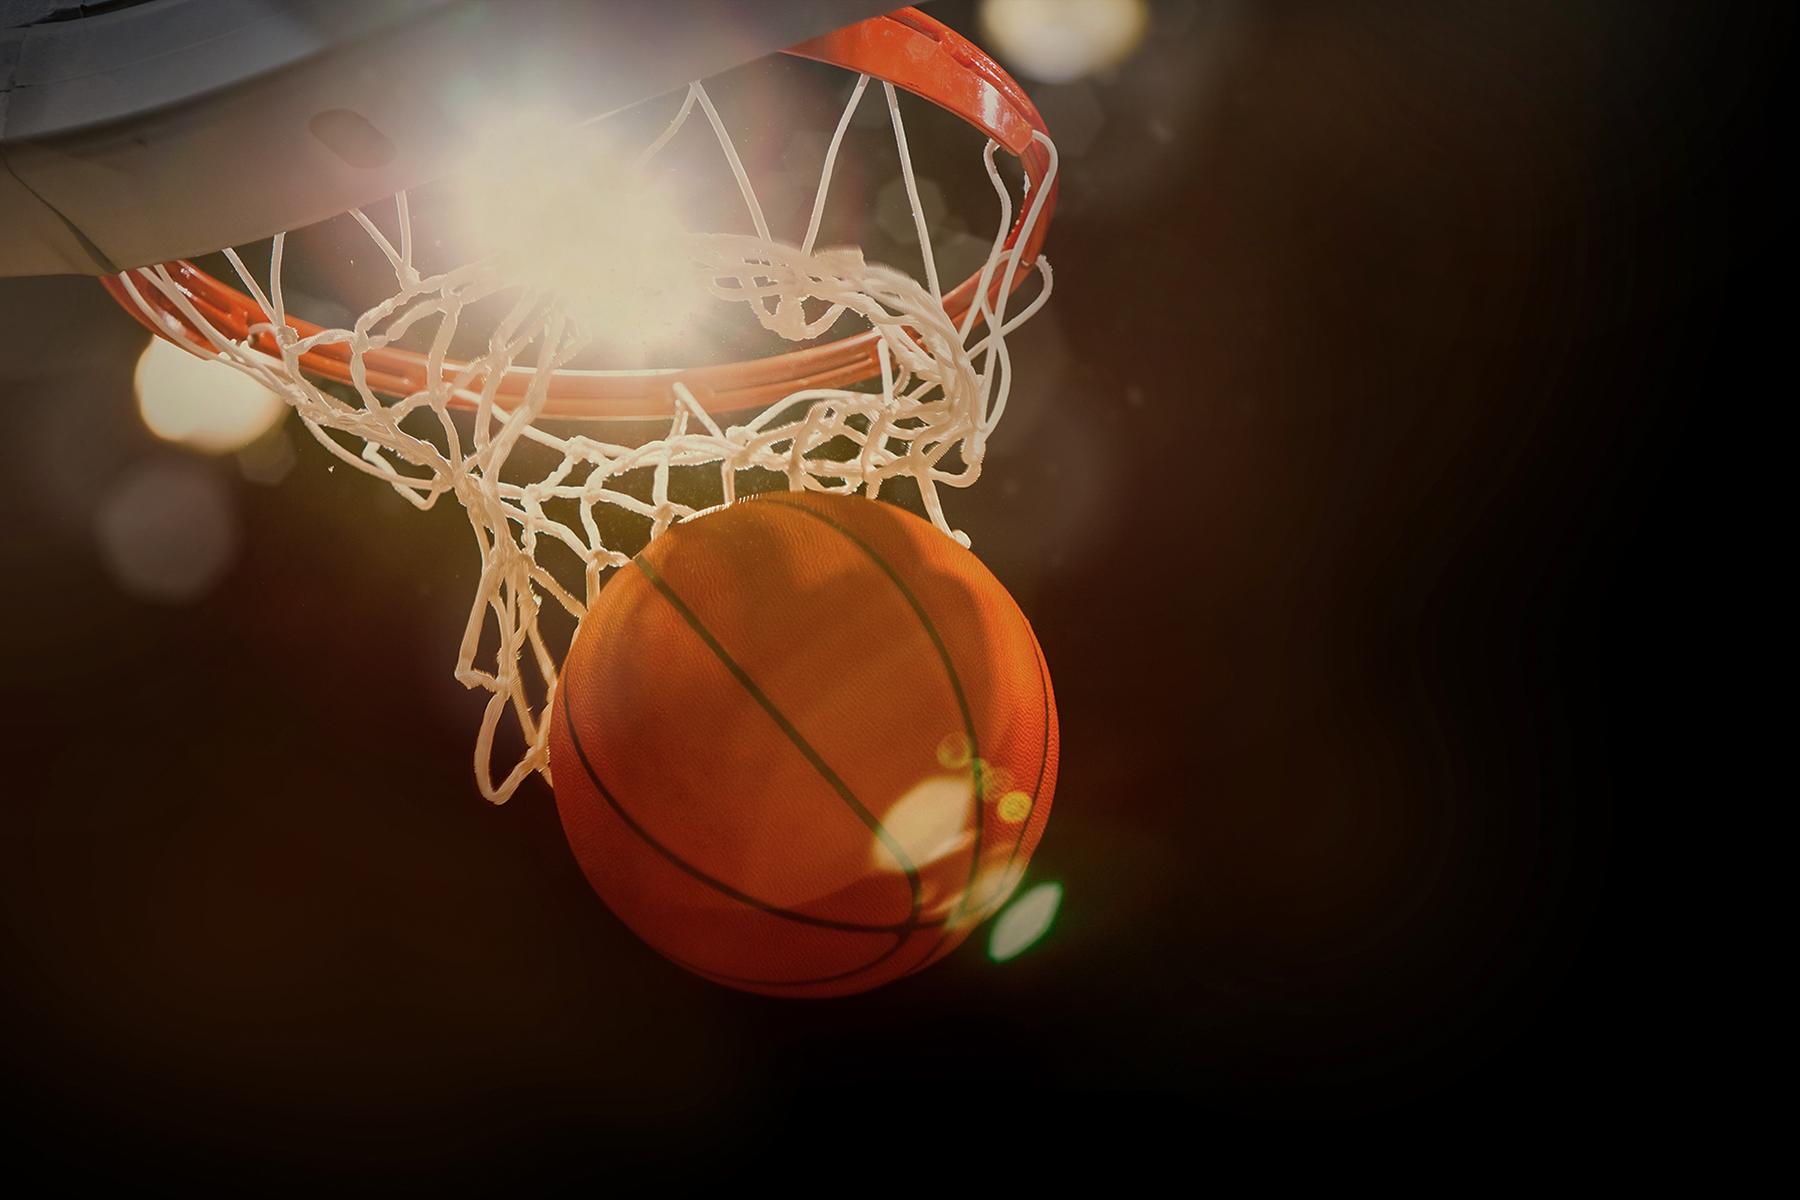 March Madness Basketball Net Swish